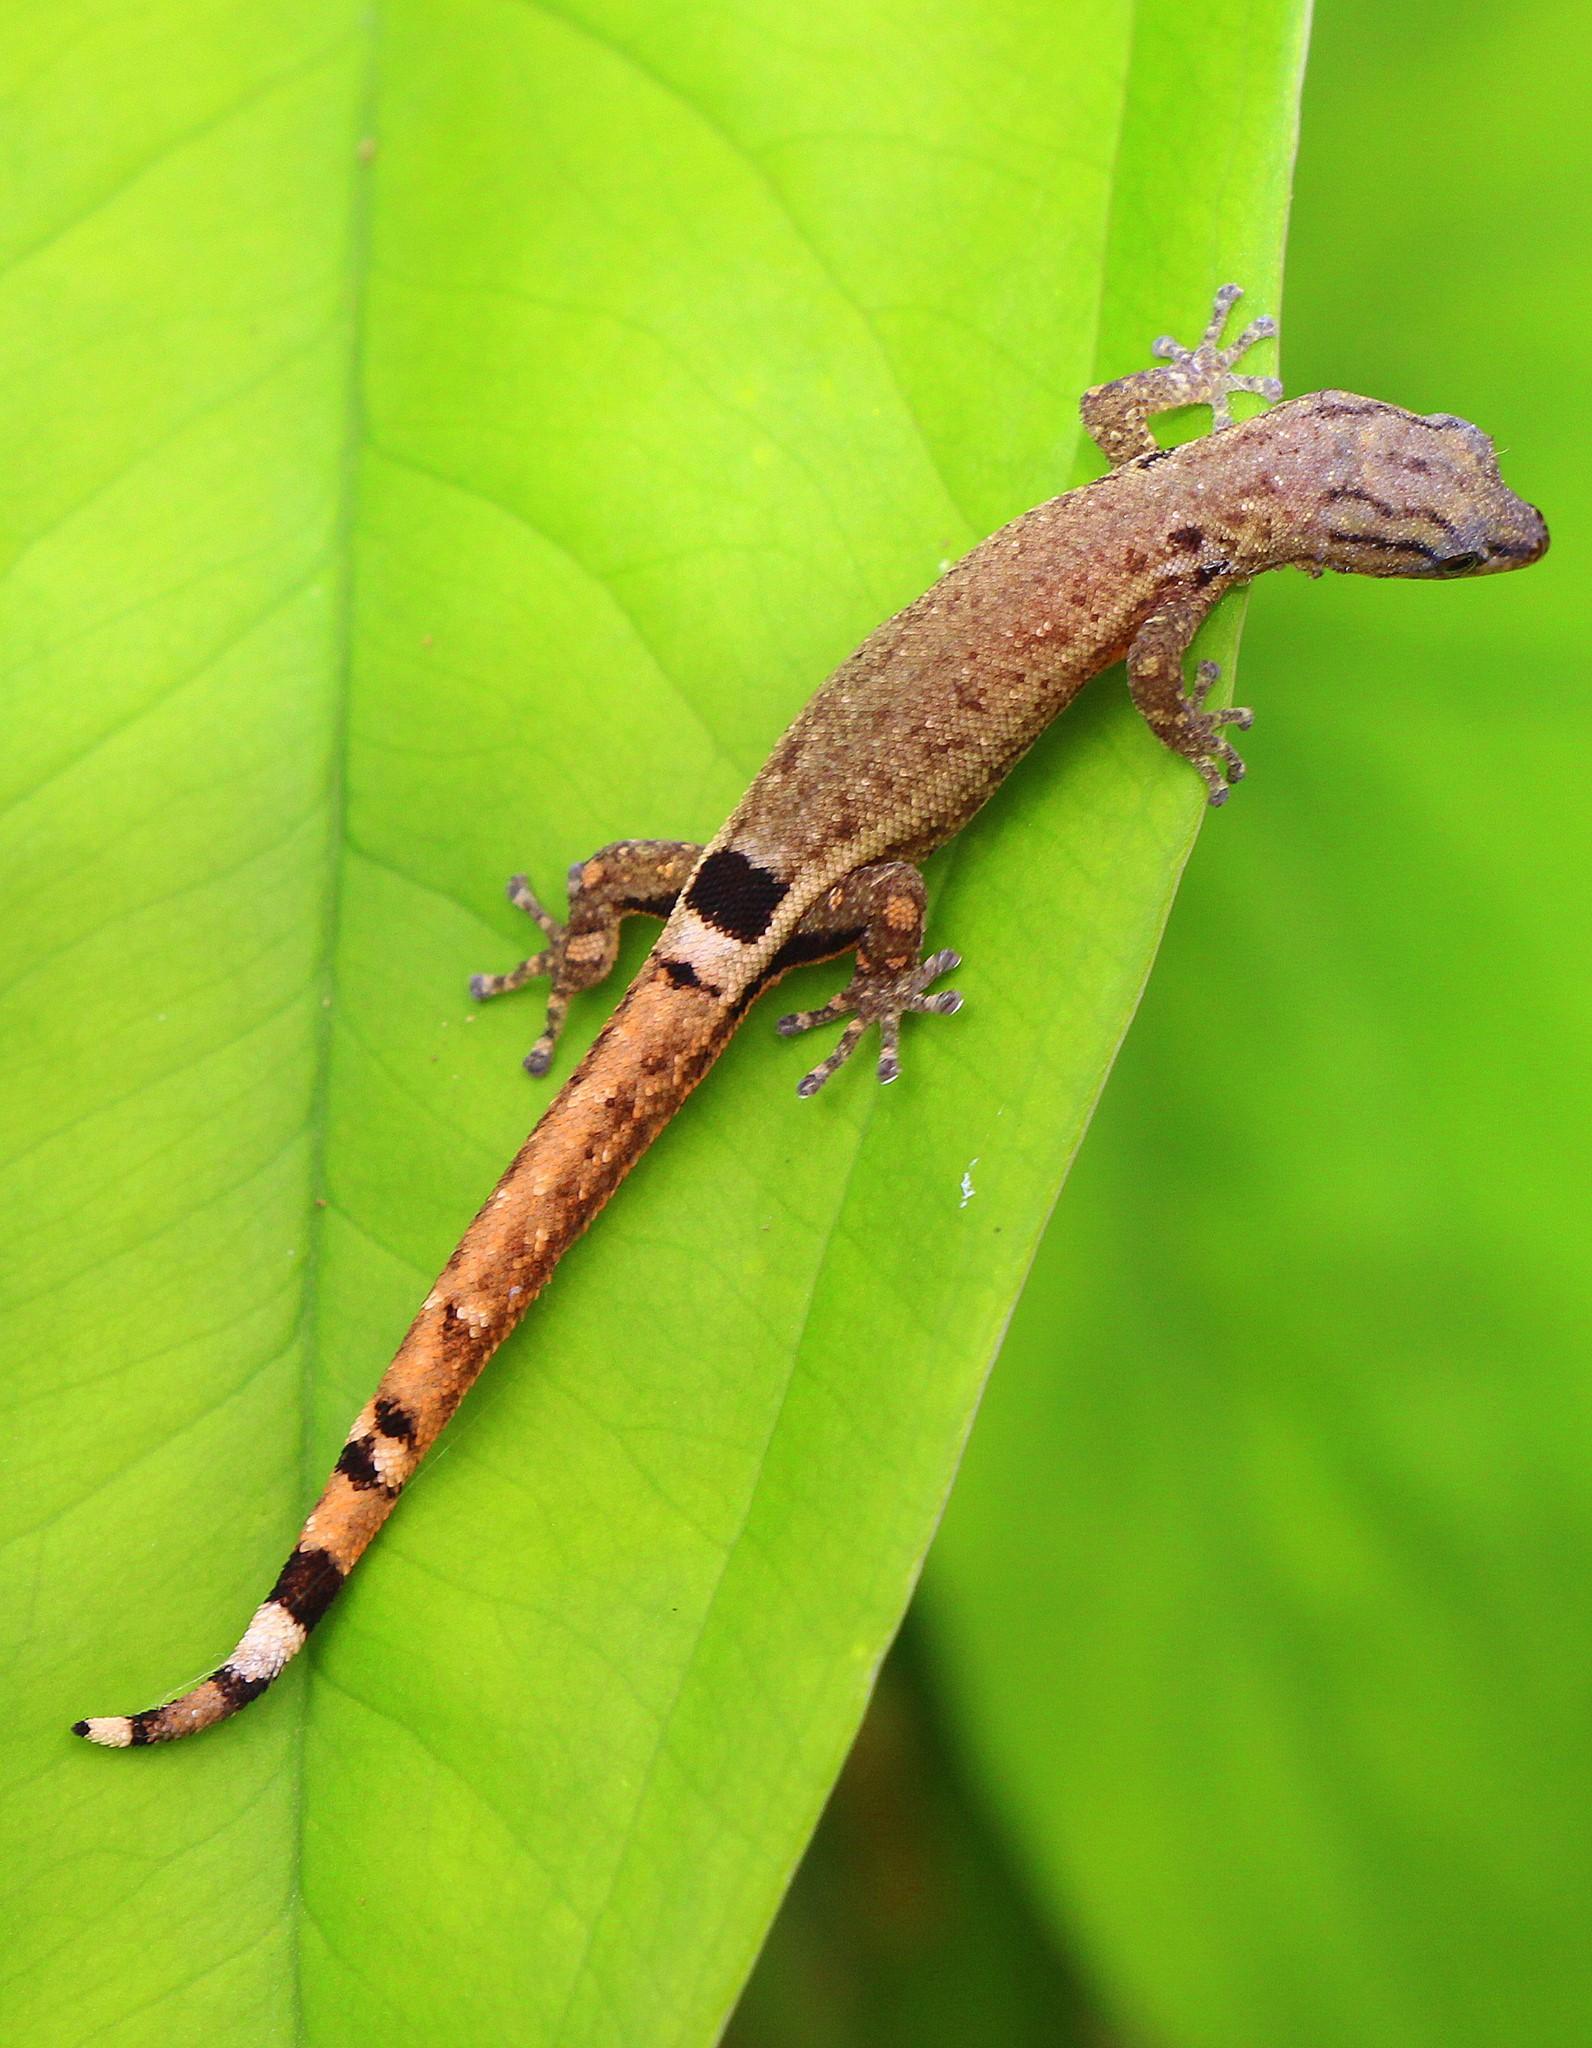 lizardgecko